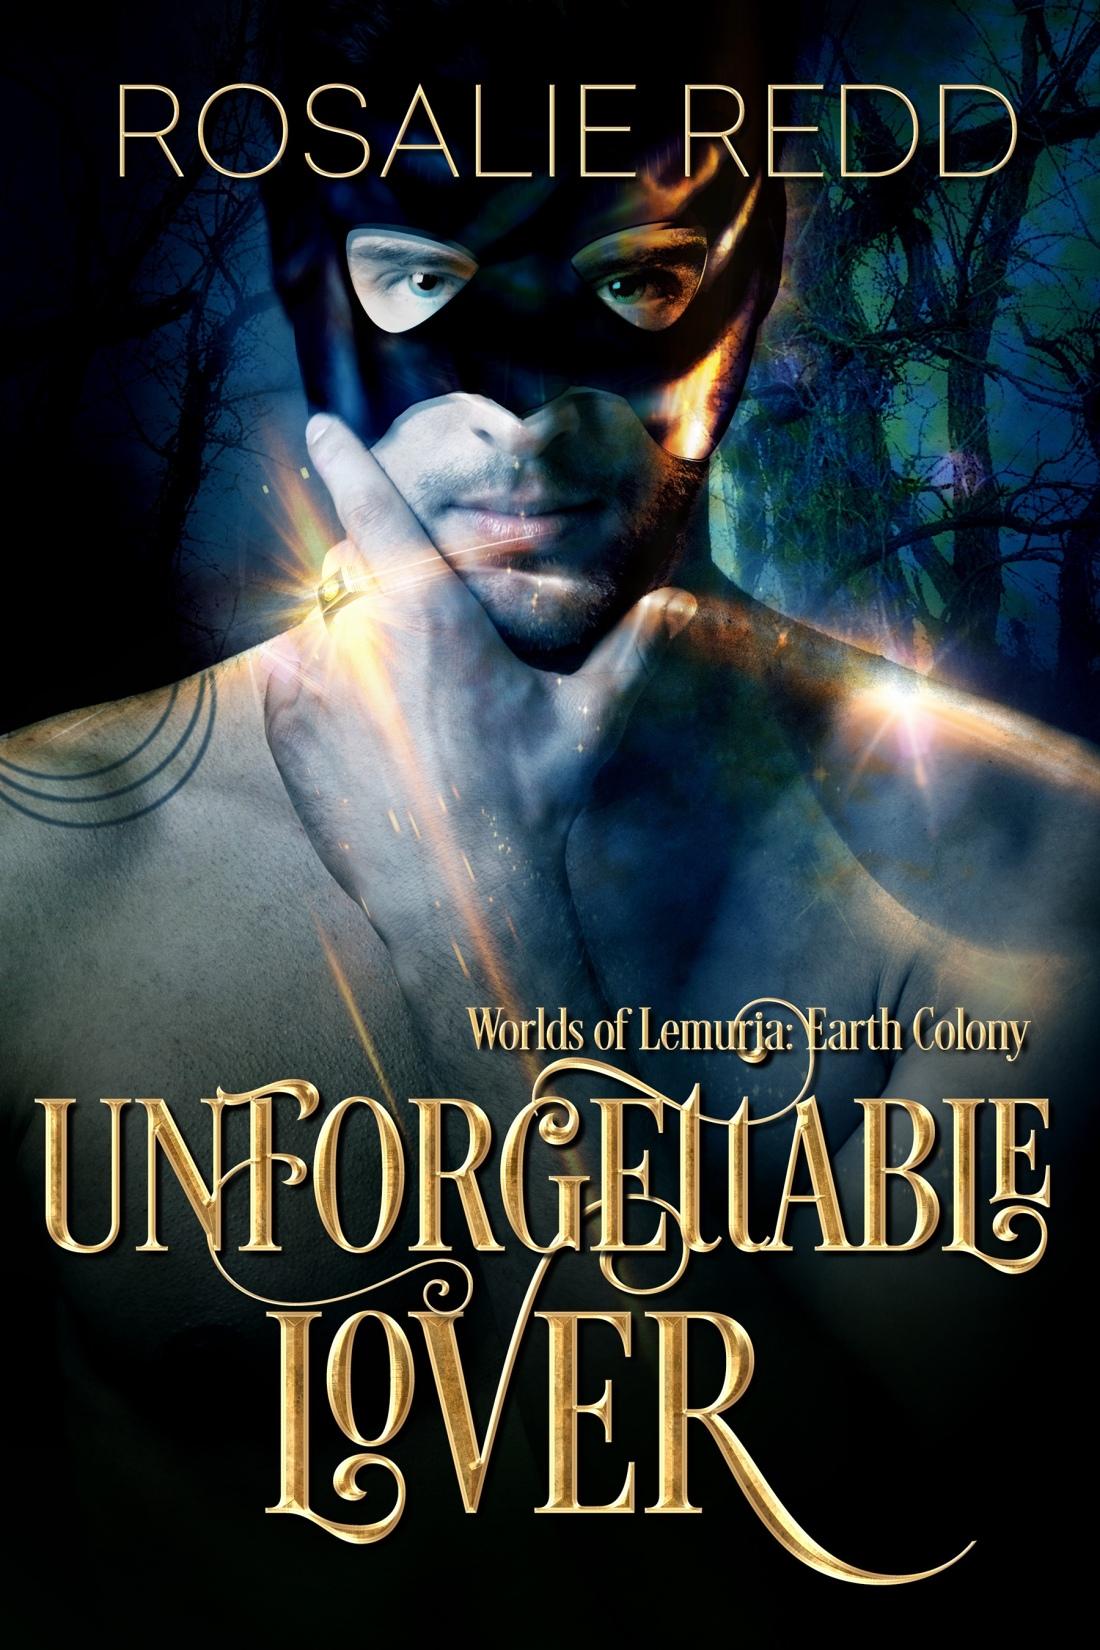 UnforgettableLoverFinal-FJM_High_Res_1800x2700